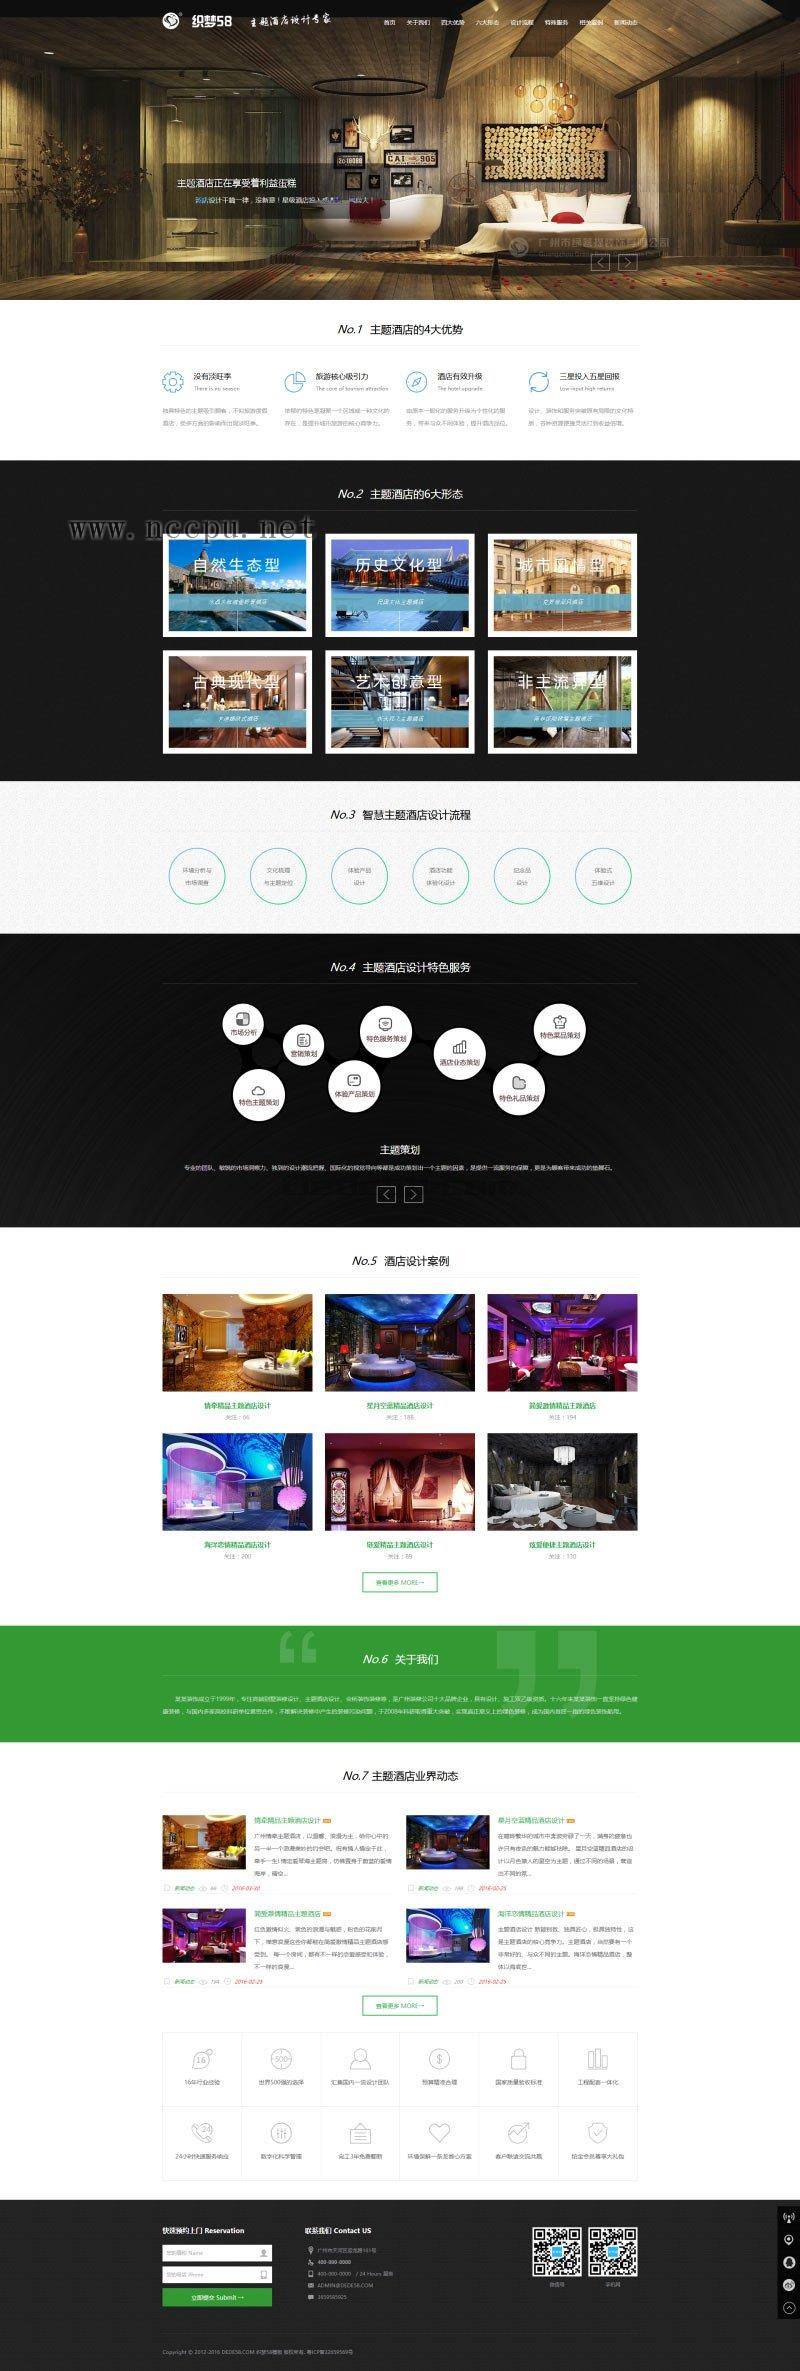 HTML5自适应酒店设计室内装饰公司欧宝娱乐代理申请(带筛选)建设案例「响应式」